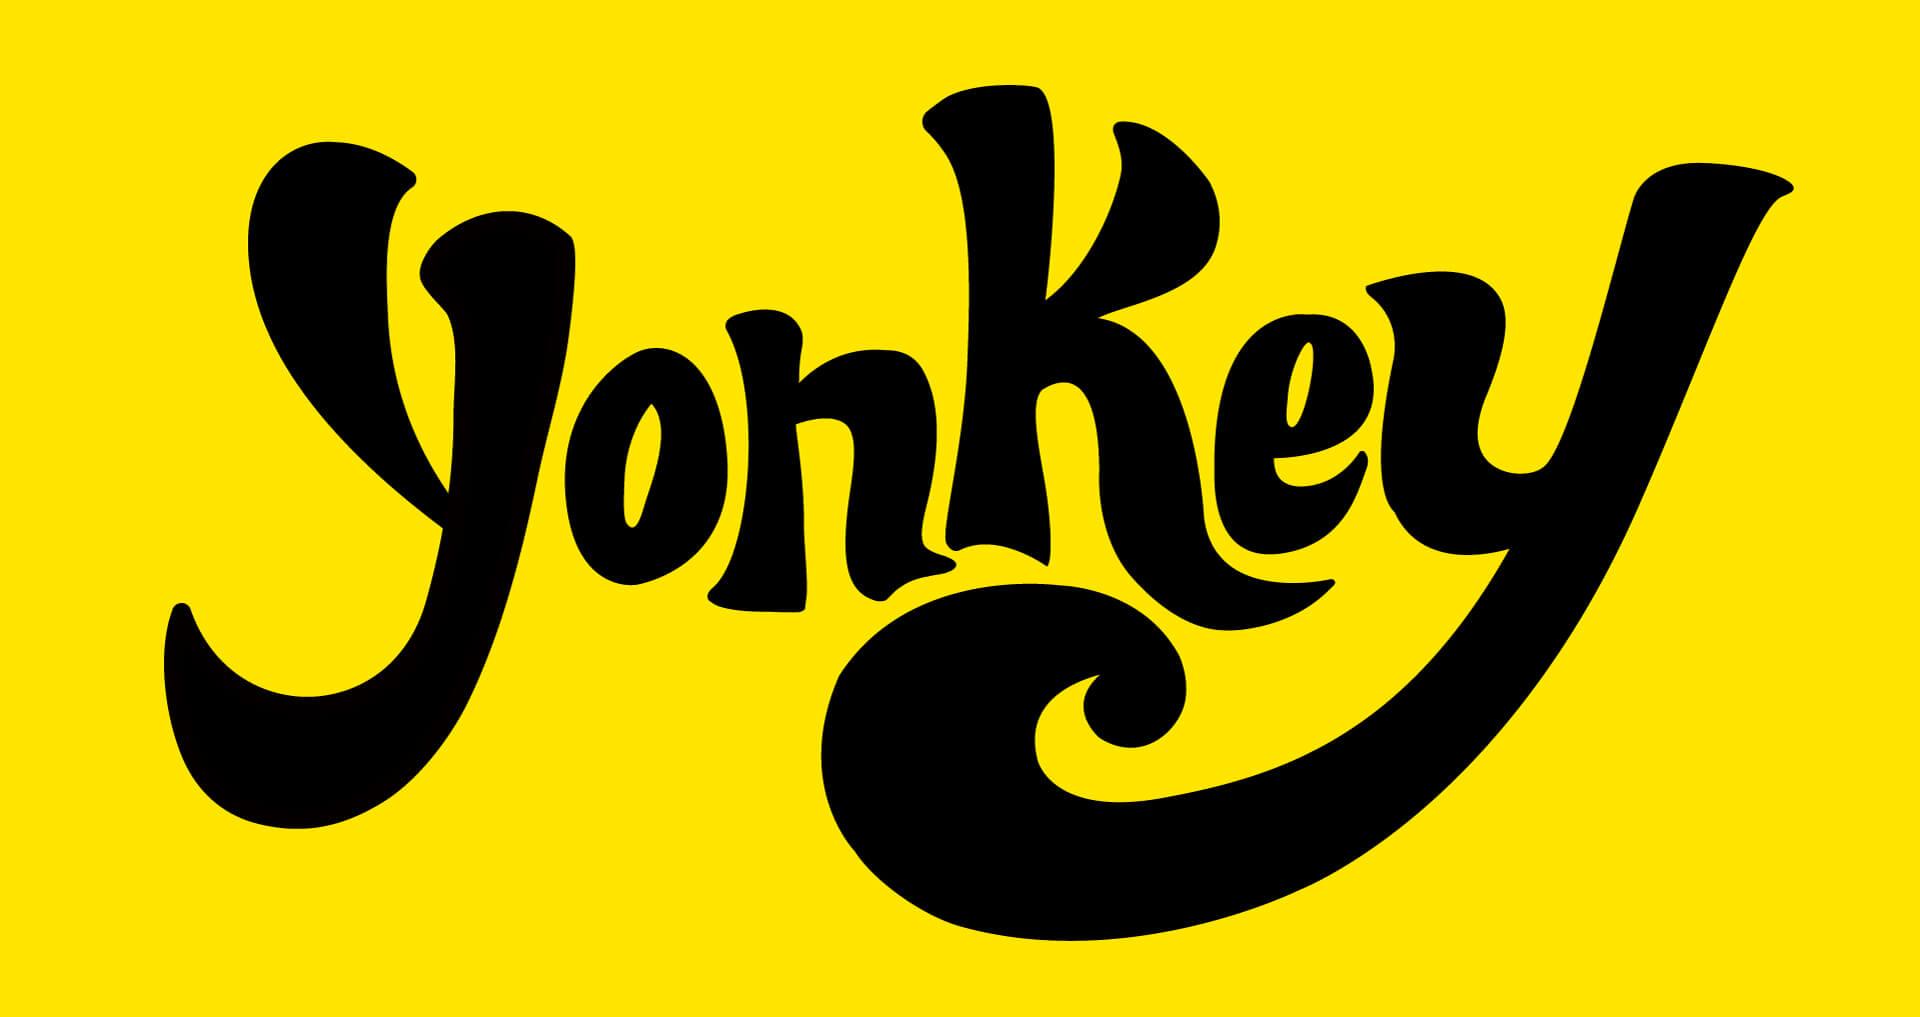 yonkey_a-2